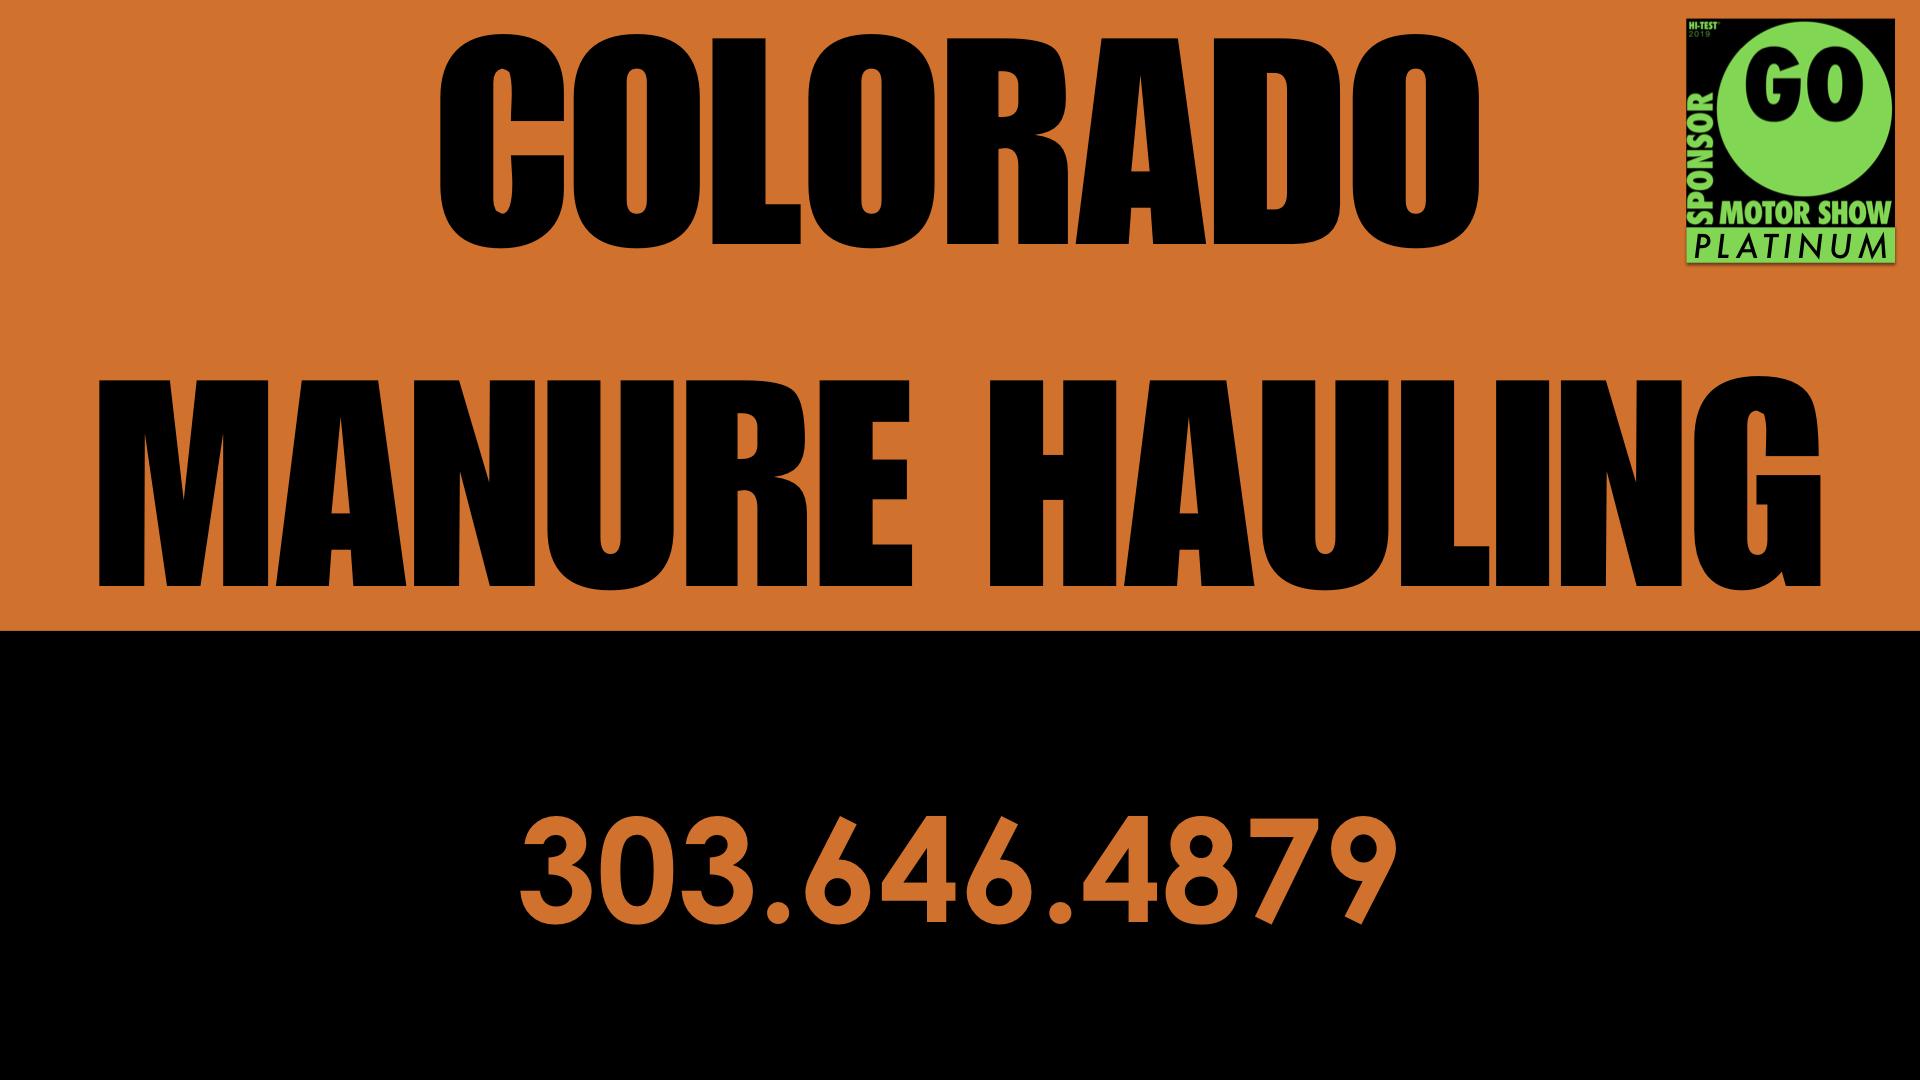 Colorado Manure Hauling